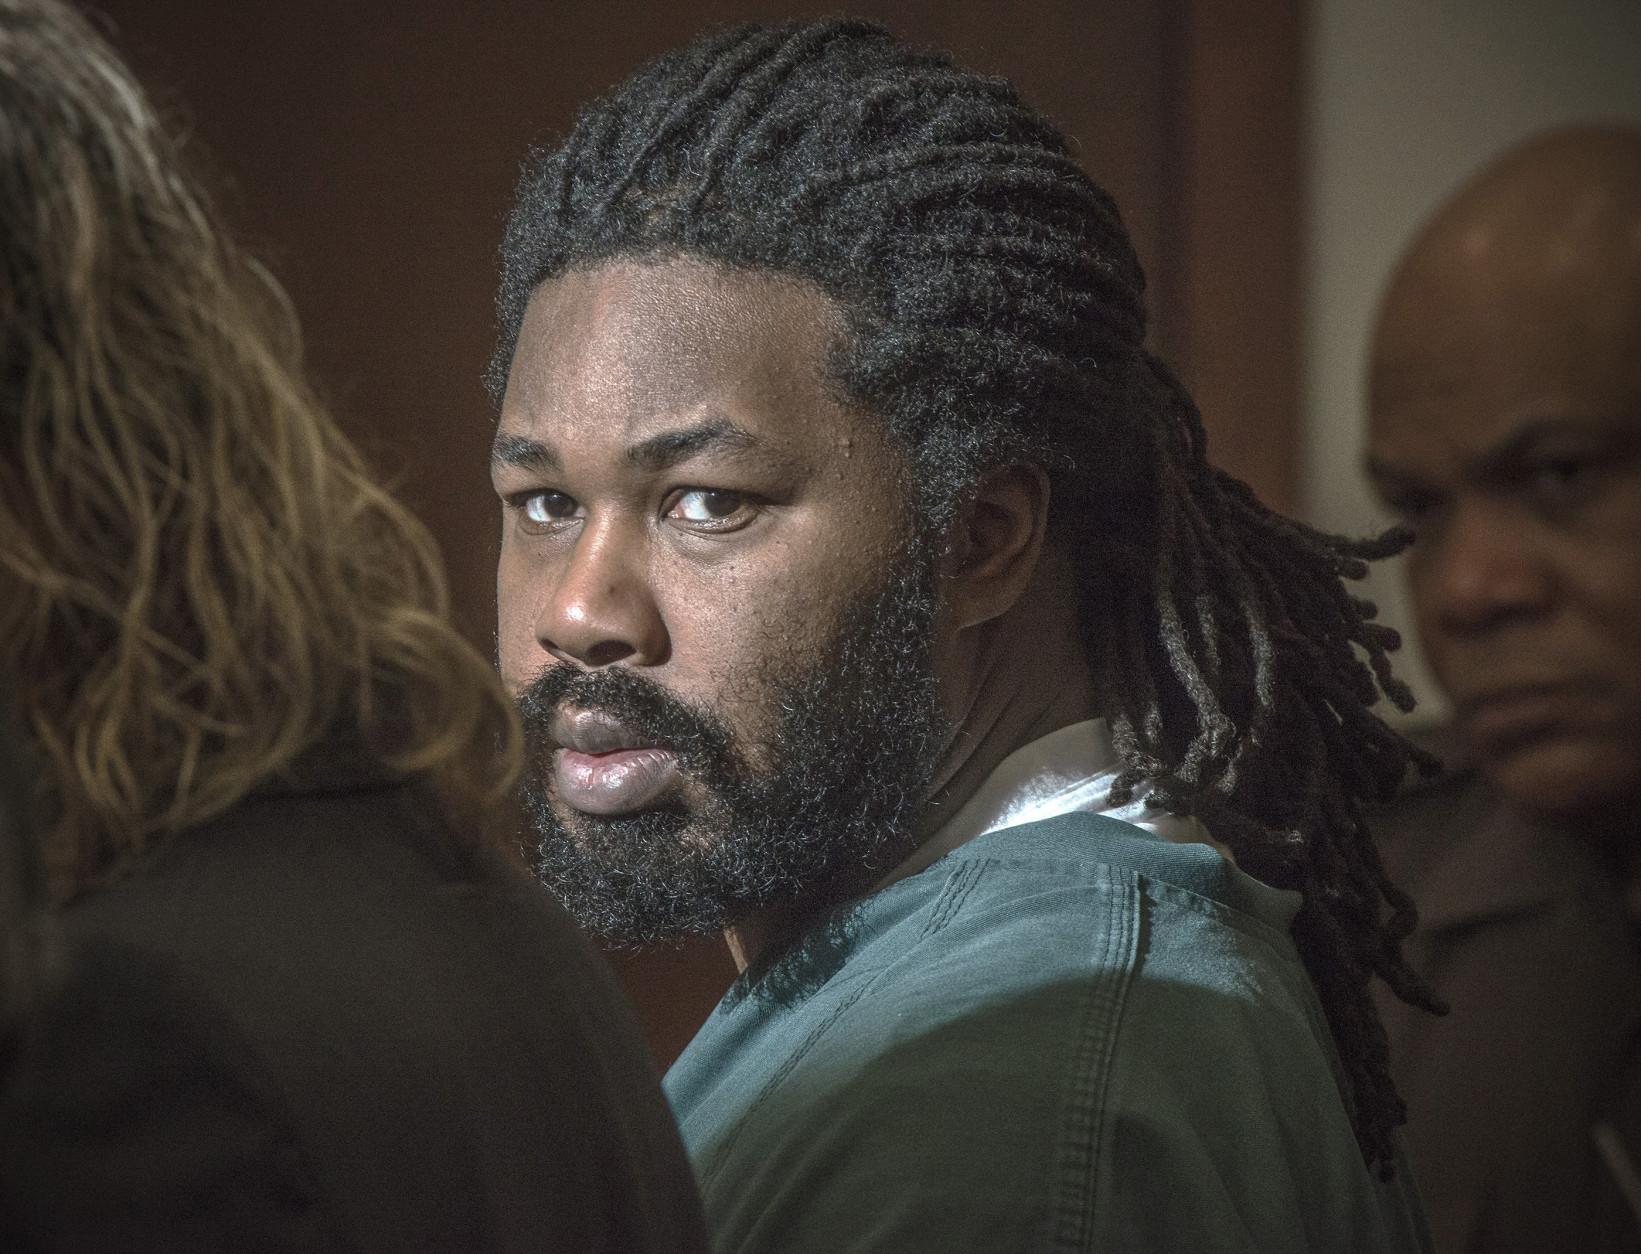 Jesse Matthew seeks recusal of judge in Hannah Graham murder trial